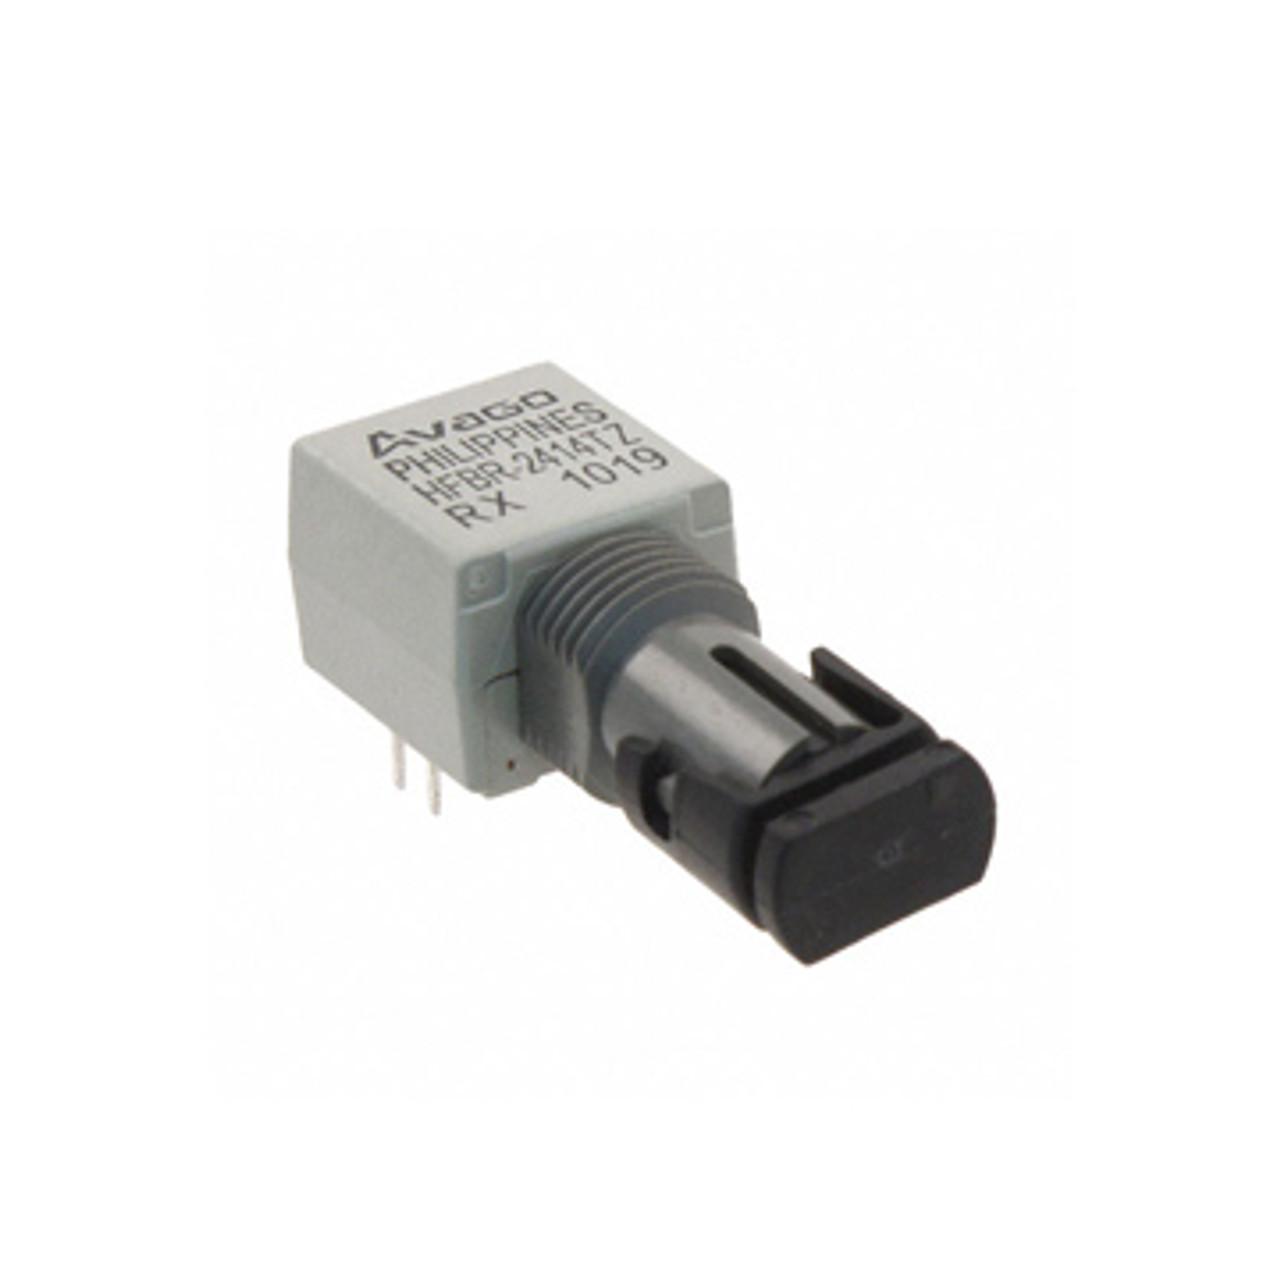 HFBR1412T Fiber Optic Transmitter